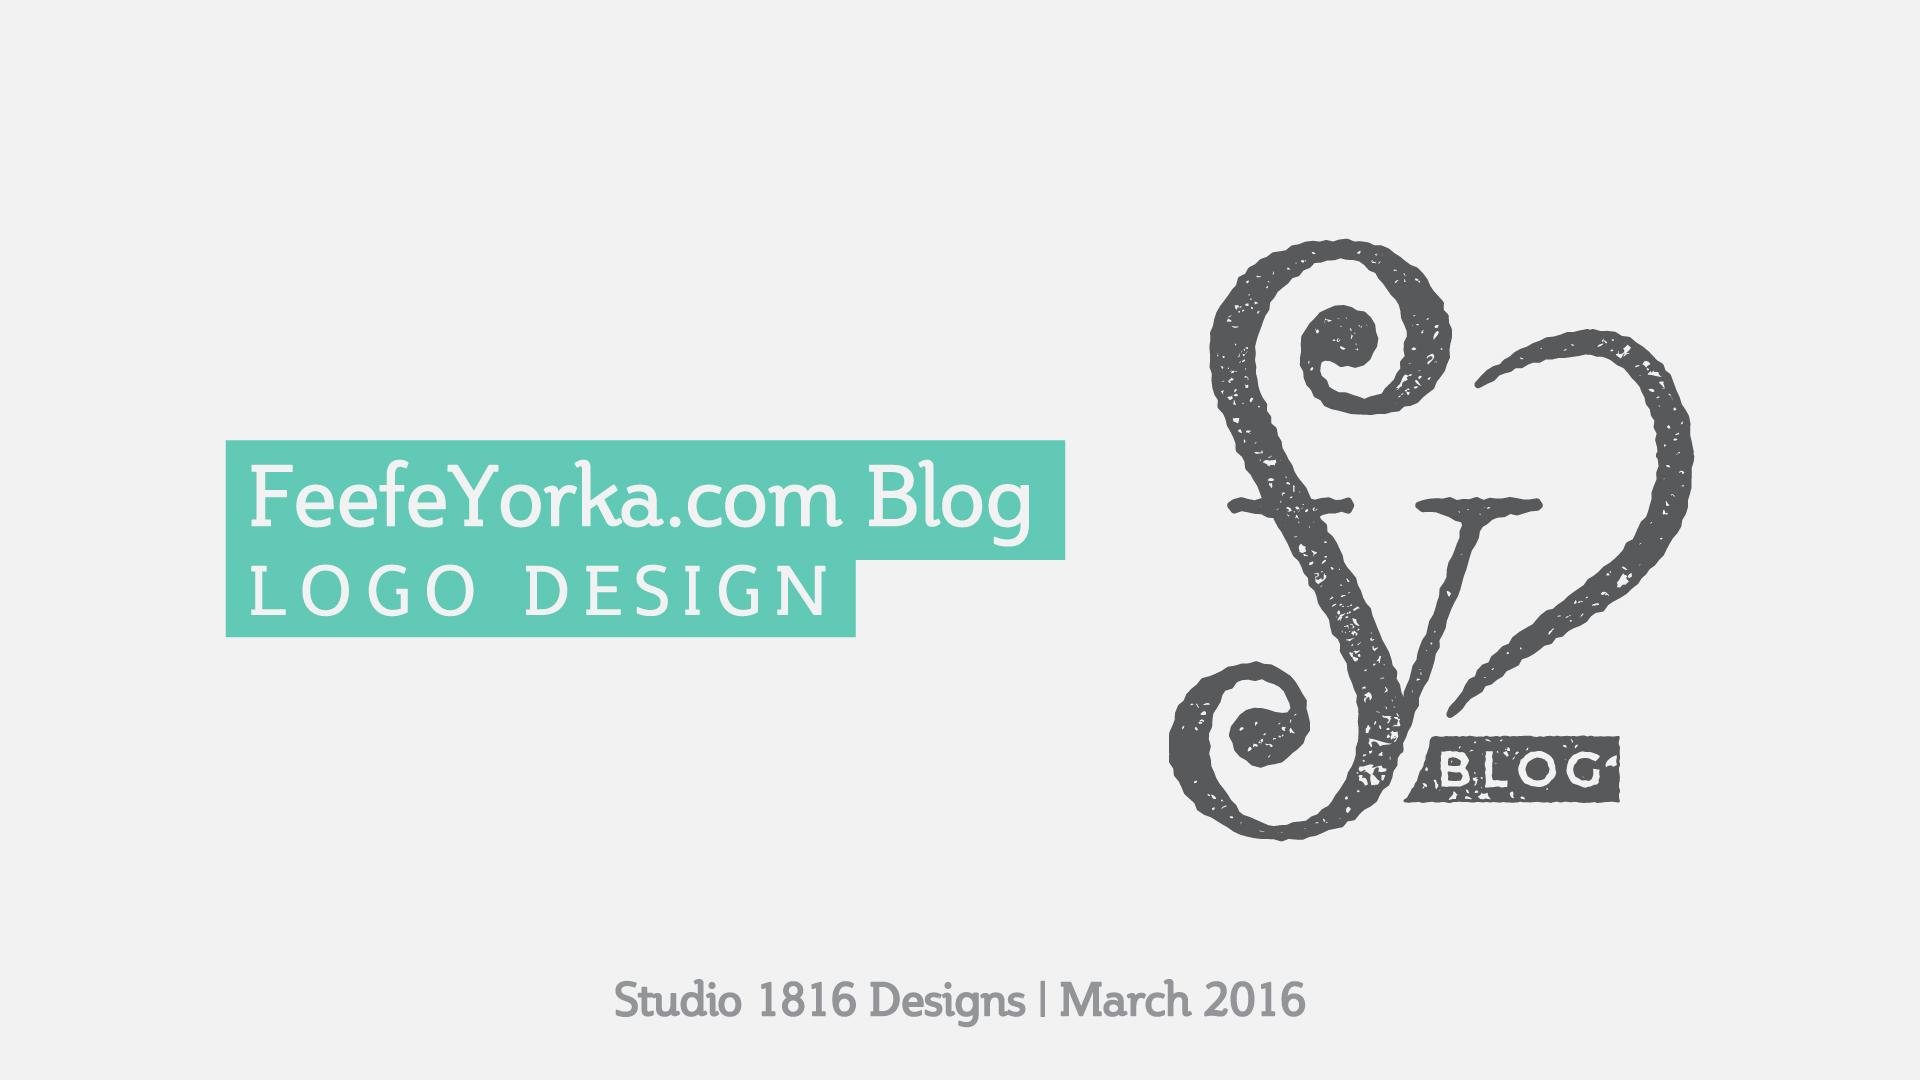 Feefe-Yorka-Blog-01.jpg